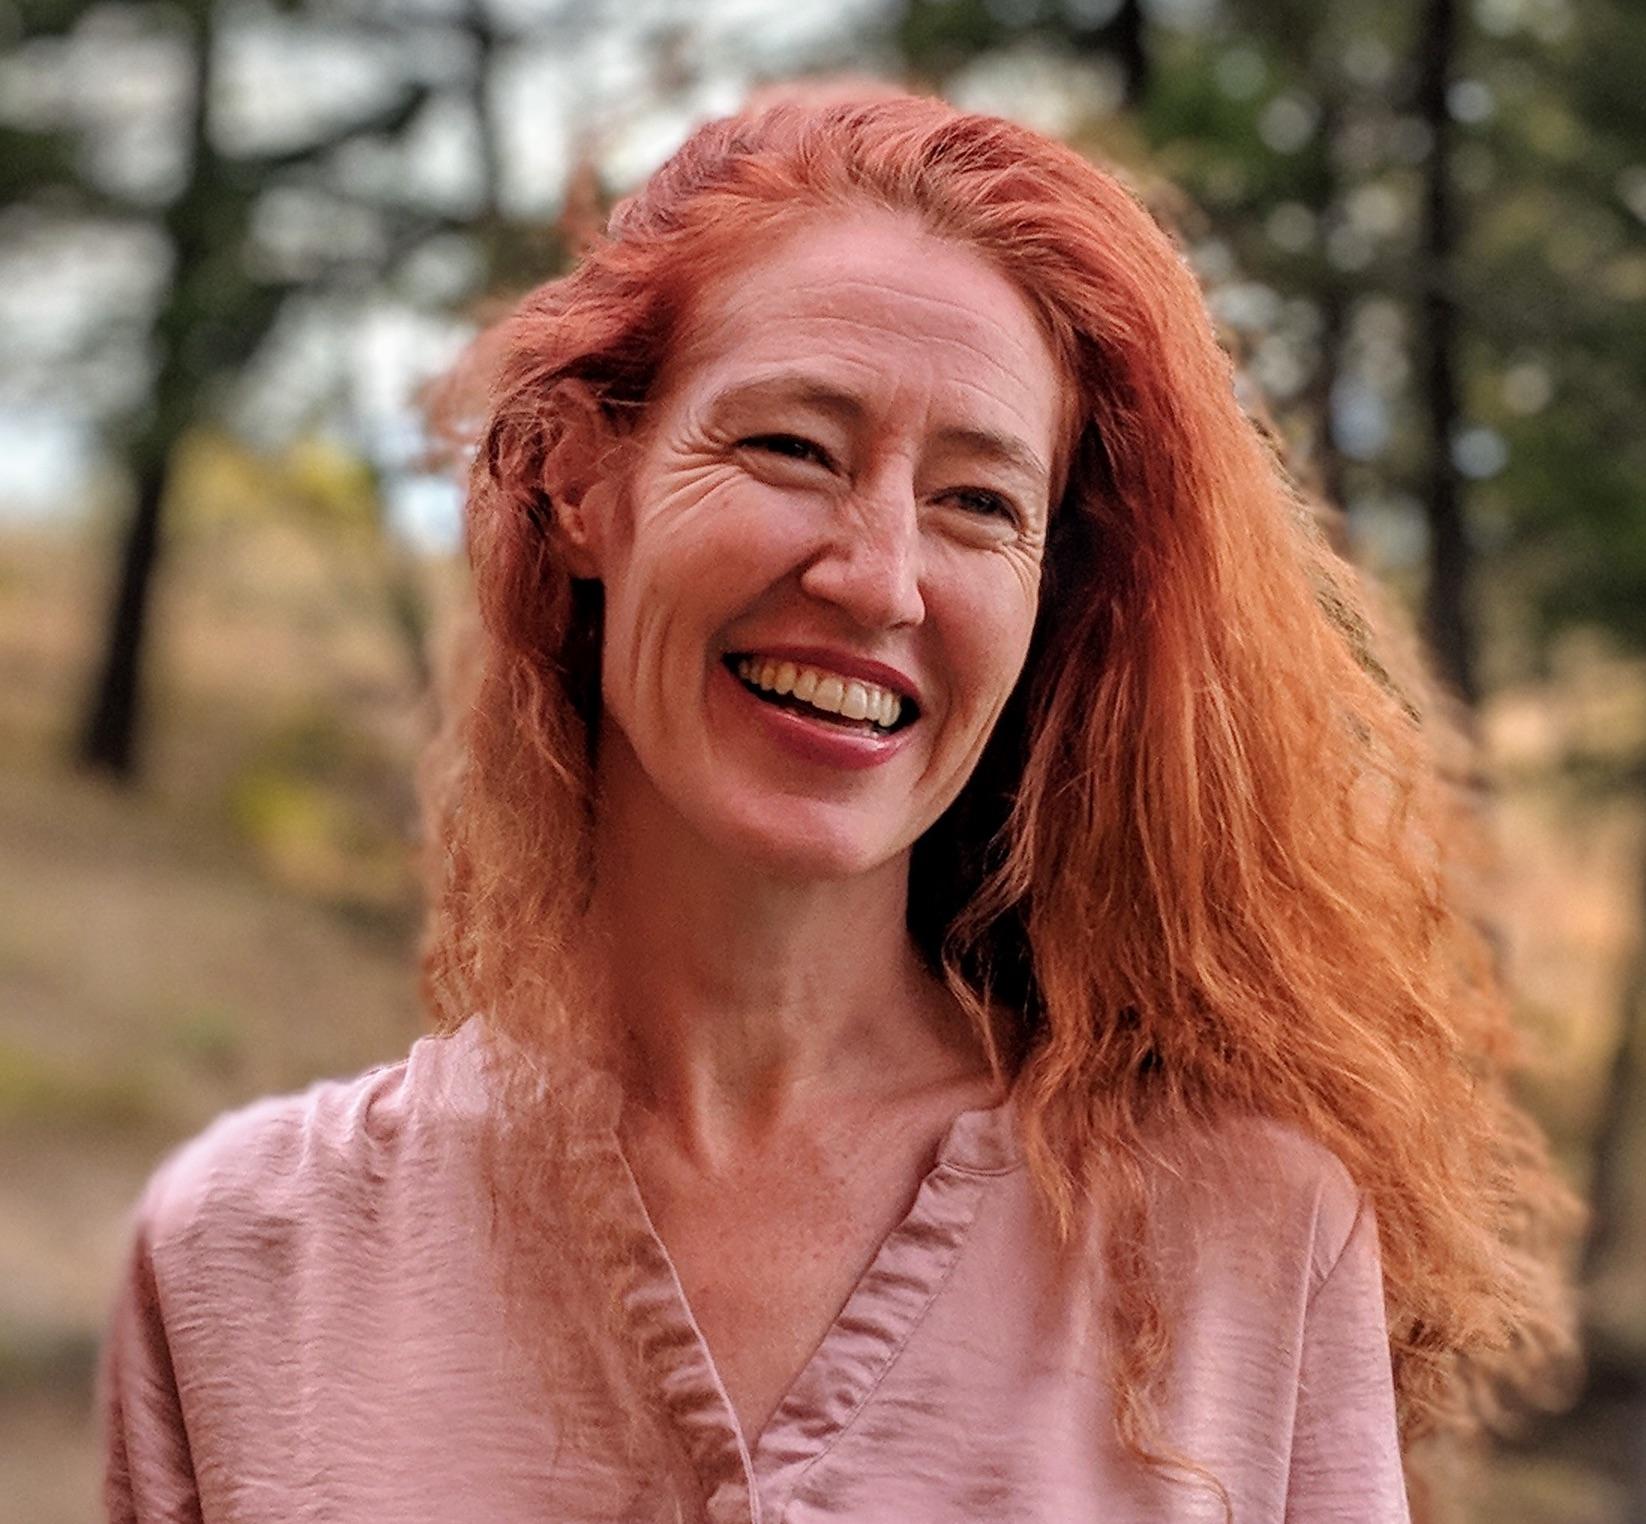 Mentor Spotlight: Karen Mcallister from The Mindful Money Coach